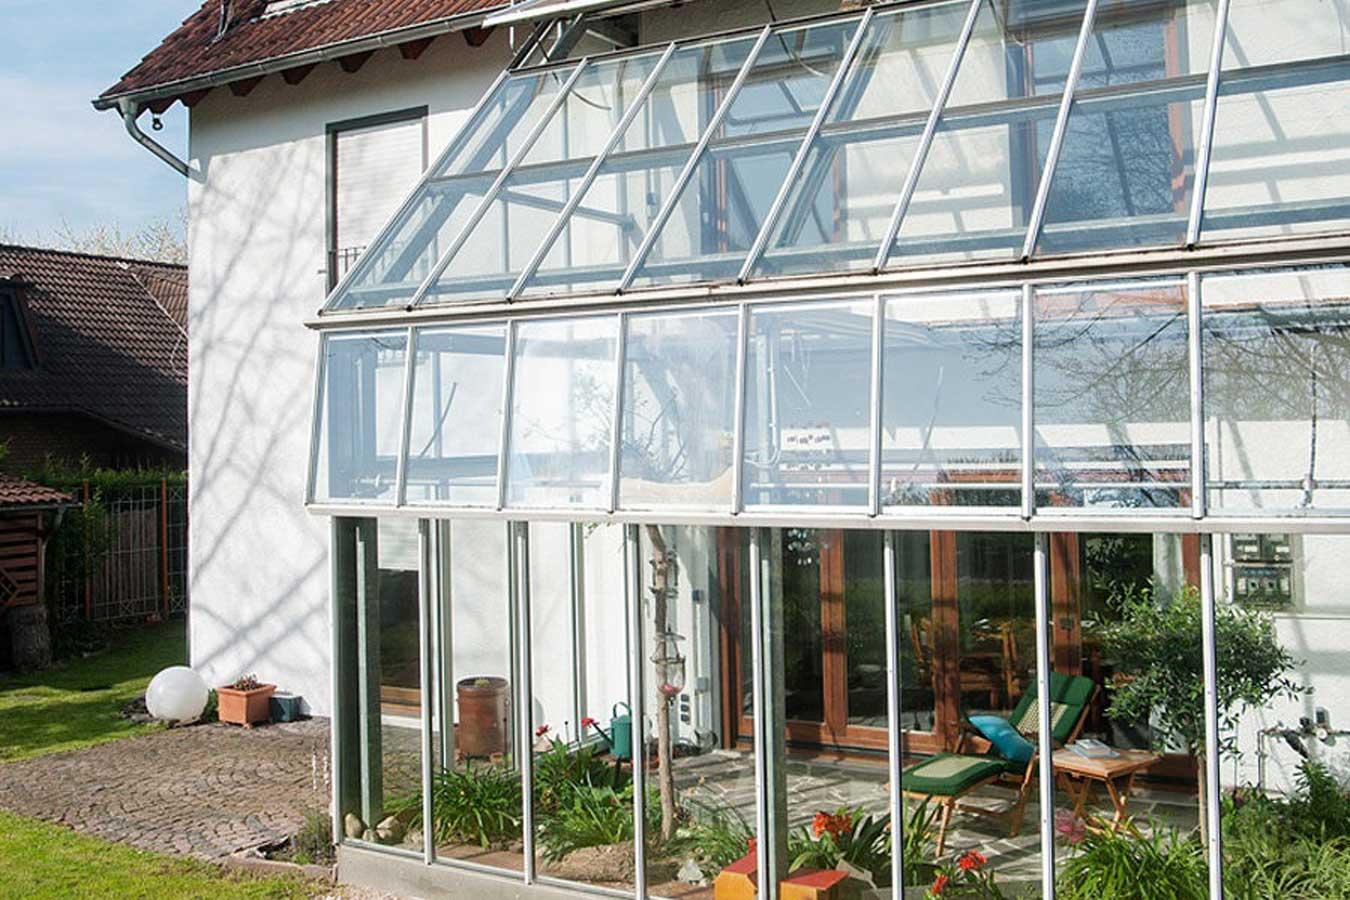 Ruhige Sackgassenlage!  Großzügige und moderne Doppelhaushälfte mit Süd-West Garten in absolut ruhiger Grünlage von Hürth-Gleuel